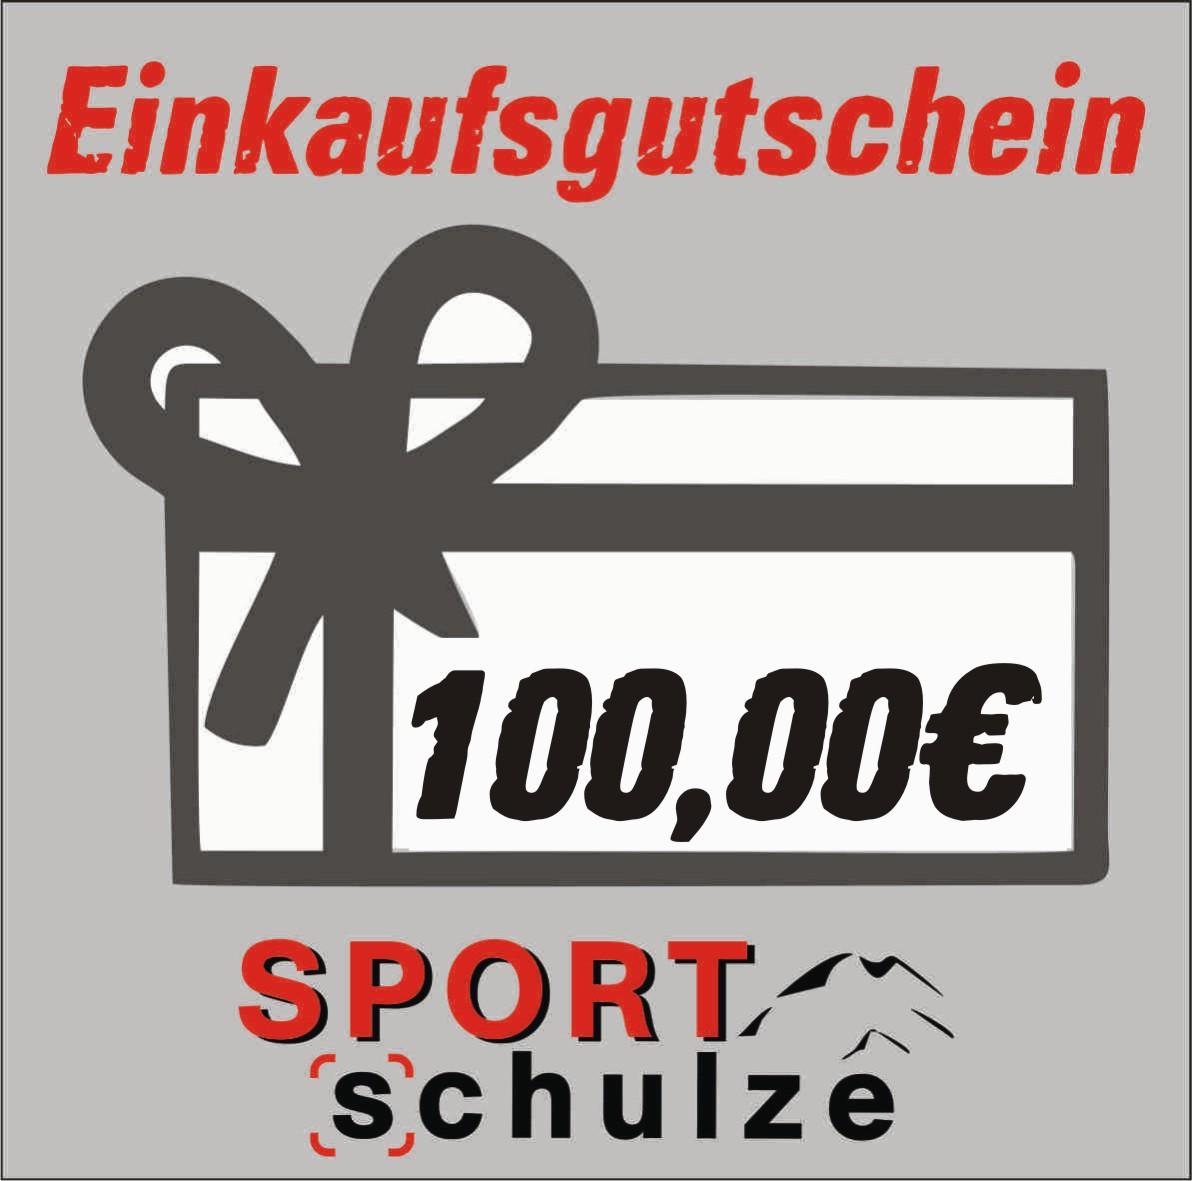 100€ Einkaufsgutschein